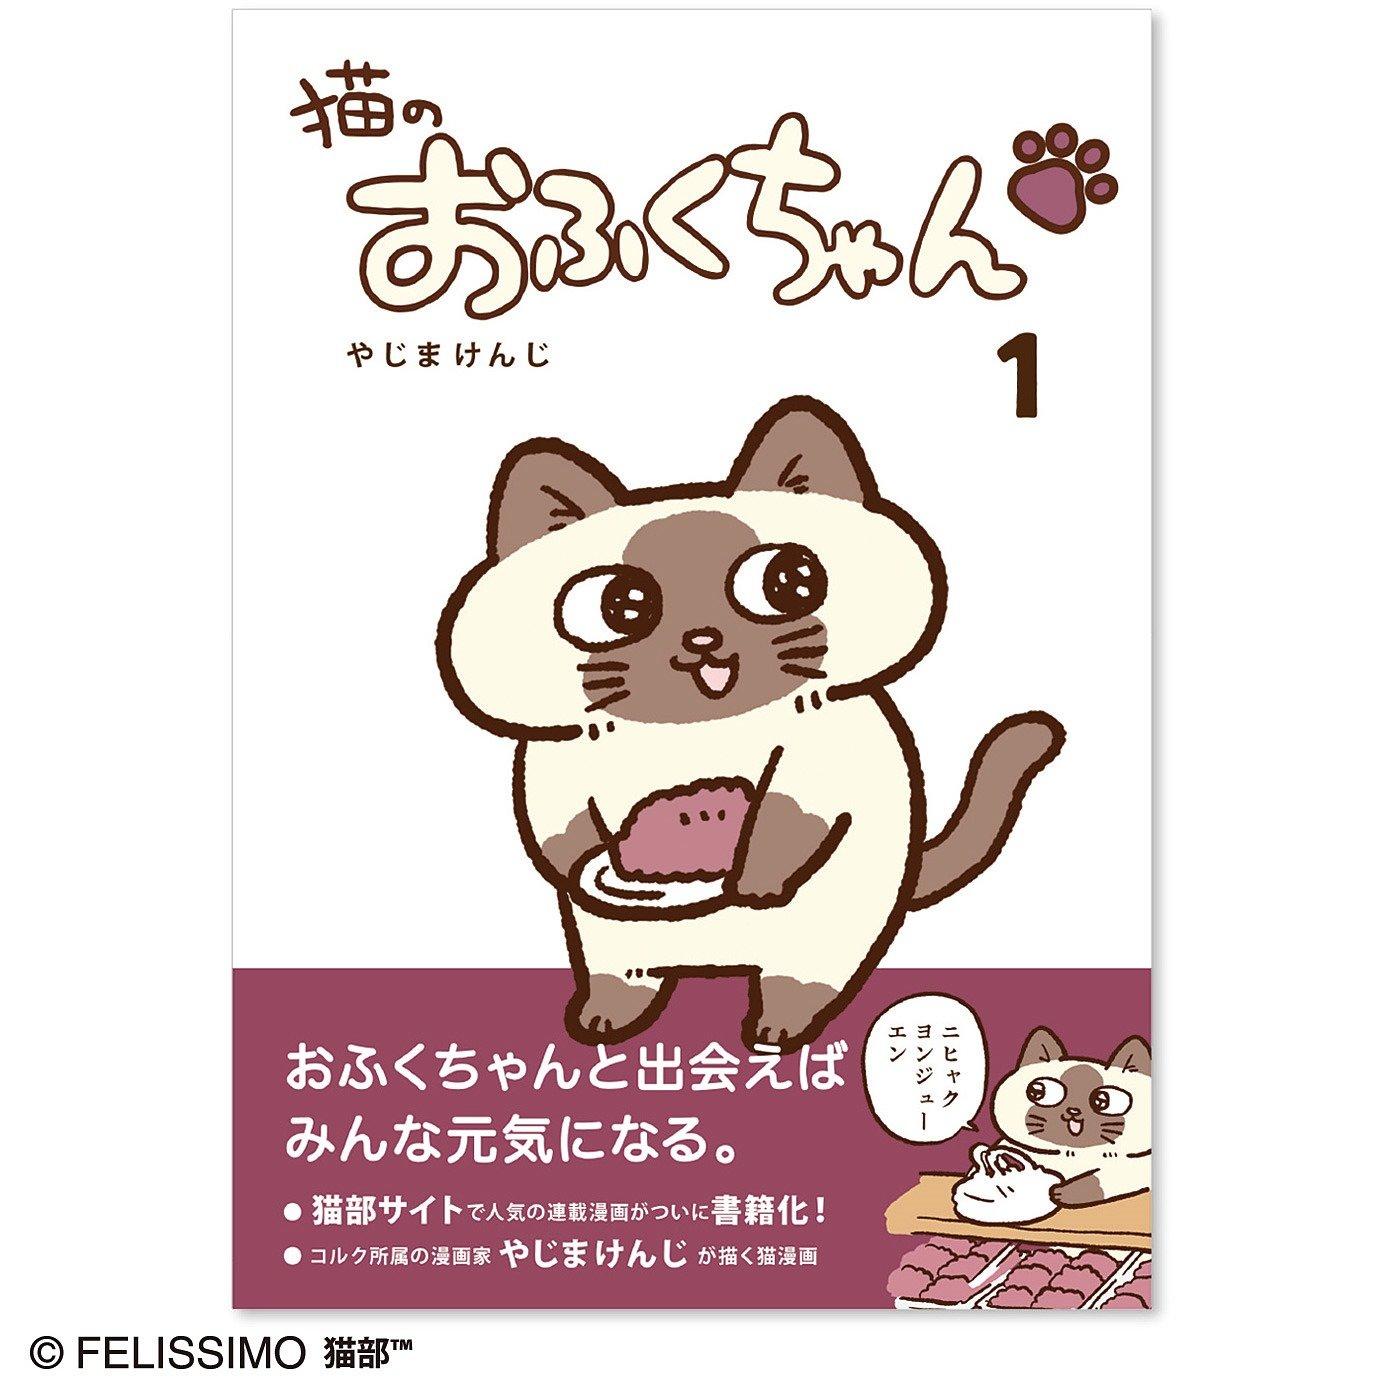 コミック『猫のおふくちゃん』第1巻